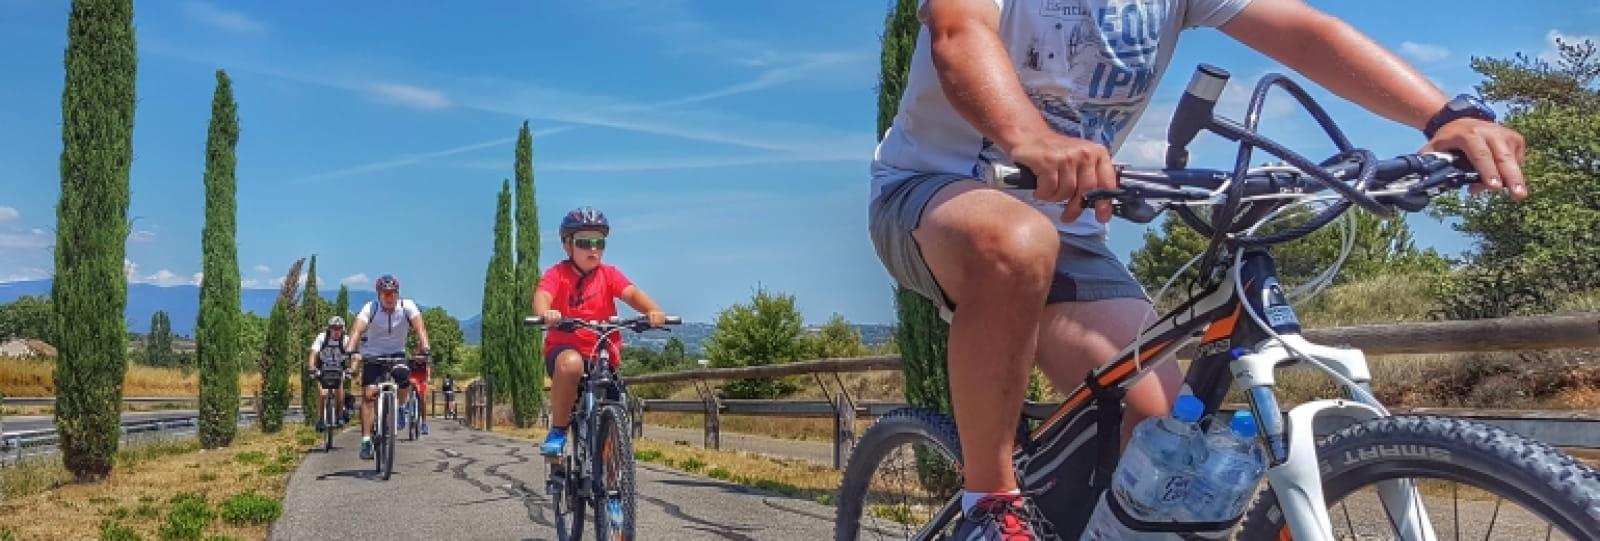 La Drome provençale à vélo